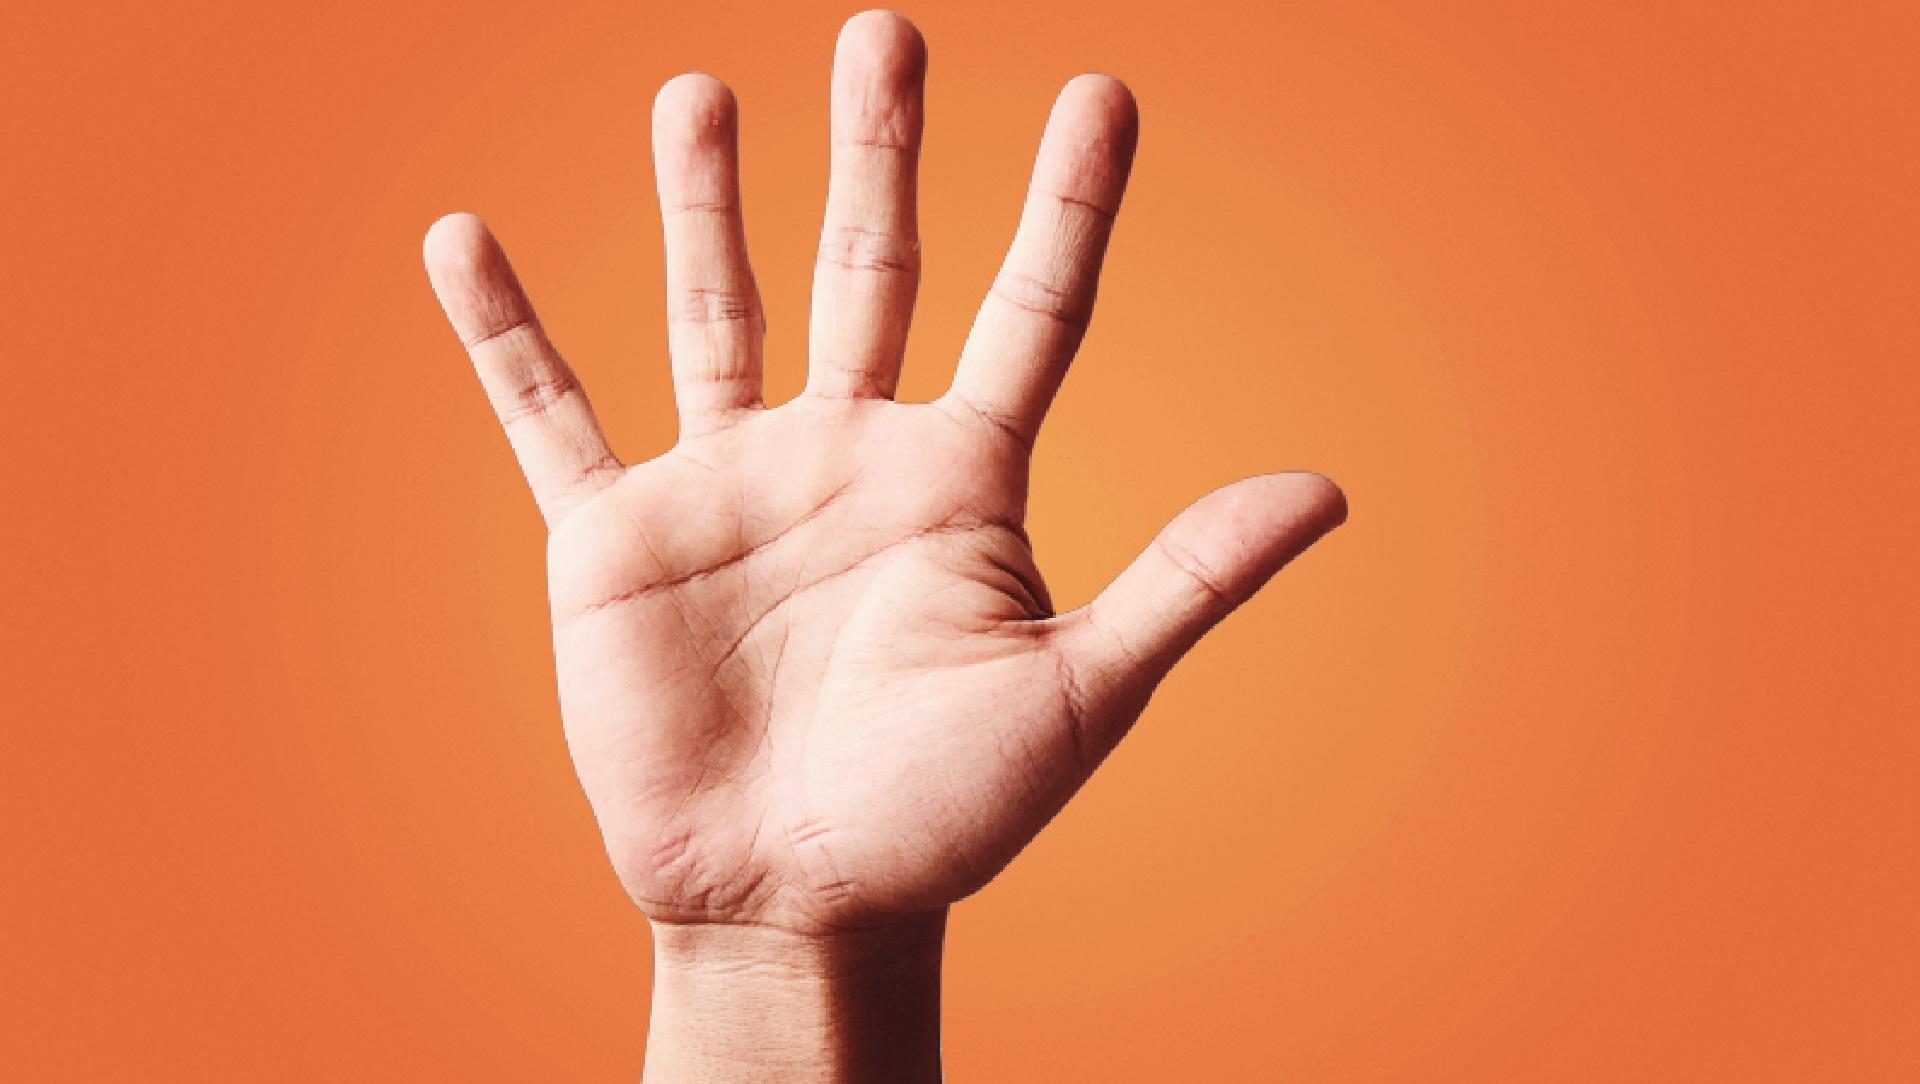 Quer ter uma experiência de aprendizado com o meuSucesso.com? Seja voluntário em nosso evento no Rio de Janeiro